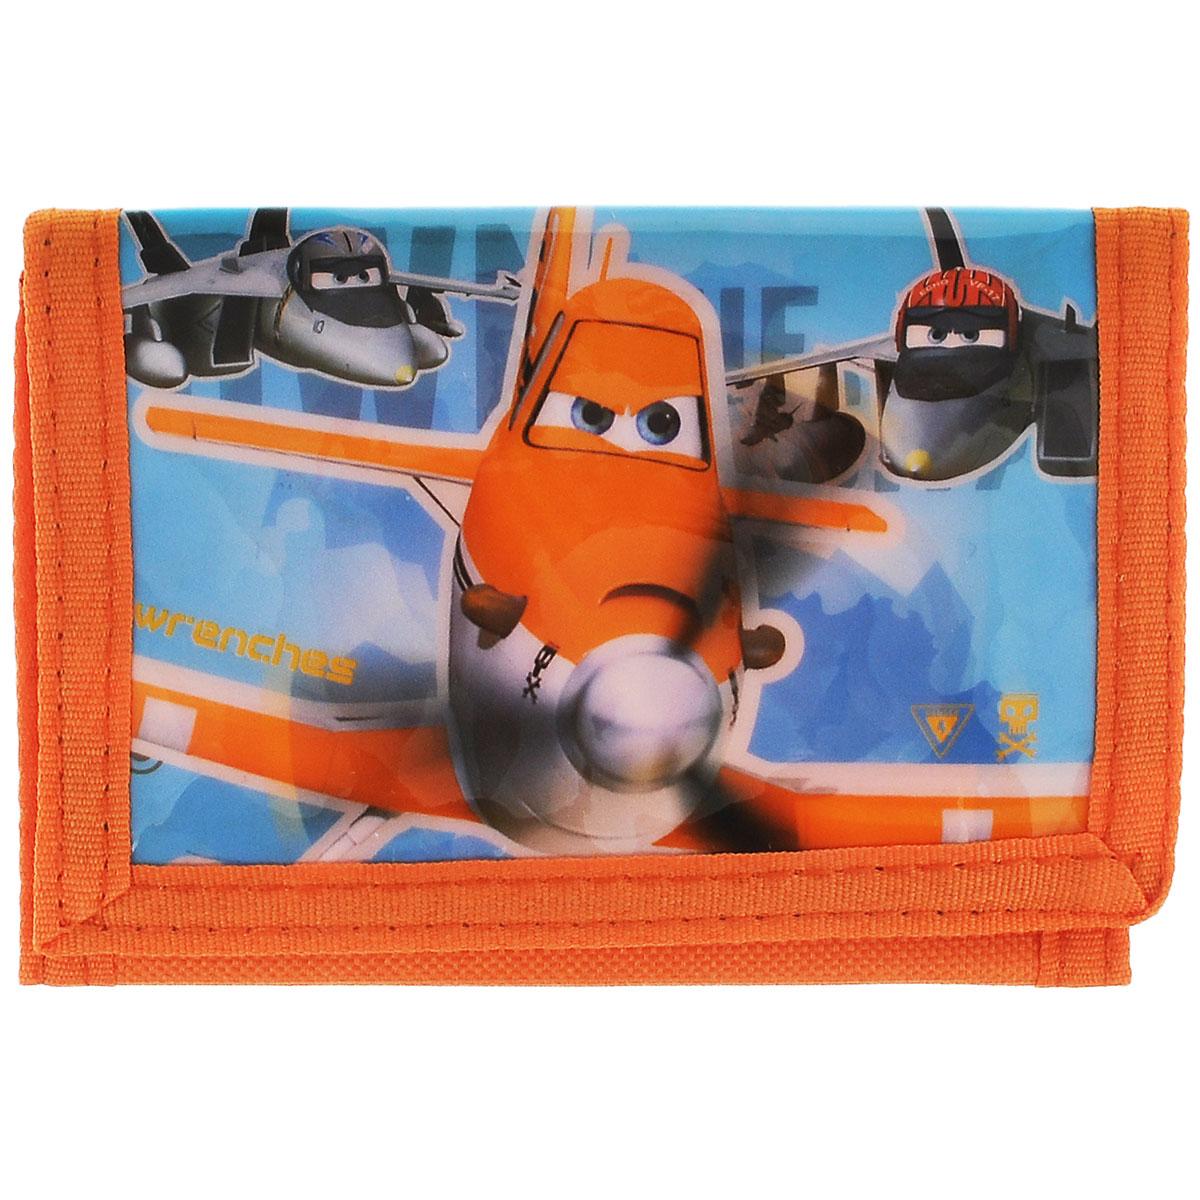 Кошелек детский Planes, цвет: оранжевый. D86120191803 зеленыйЯркий, красивый кошелек для мальчиков Planes оформленный в стиле знаменитого мультфильма Самолеты от студии Disney обязательно понравится вашему ребенку. Кошелек имеет одно главное отделение, застегивается на липучку. На задней стороне кошелька есть внешний карман на молнии. Бегунок молнии сделан в виде монетки с цифрой 7. Внутри кошелька также имеются 4 кармашка. Кошелек сделан из качественных и прочных материалов и не порвется, а это значит, что малыш может не переживать за свои сбережения.